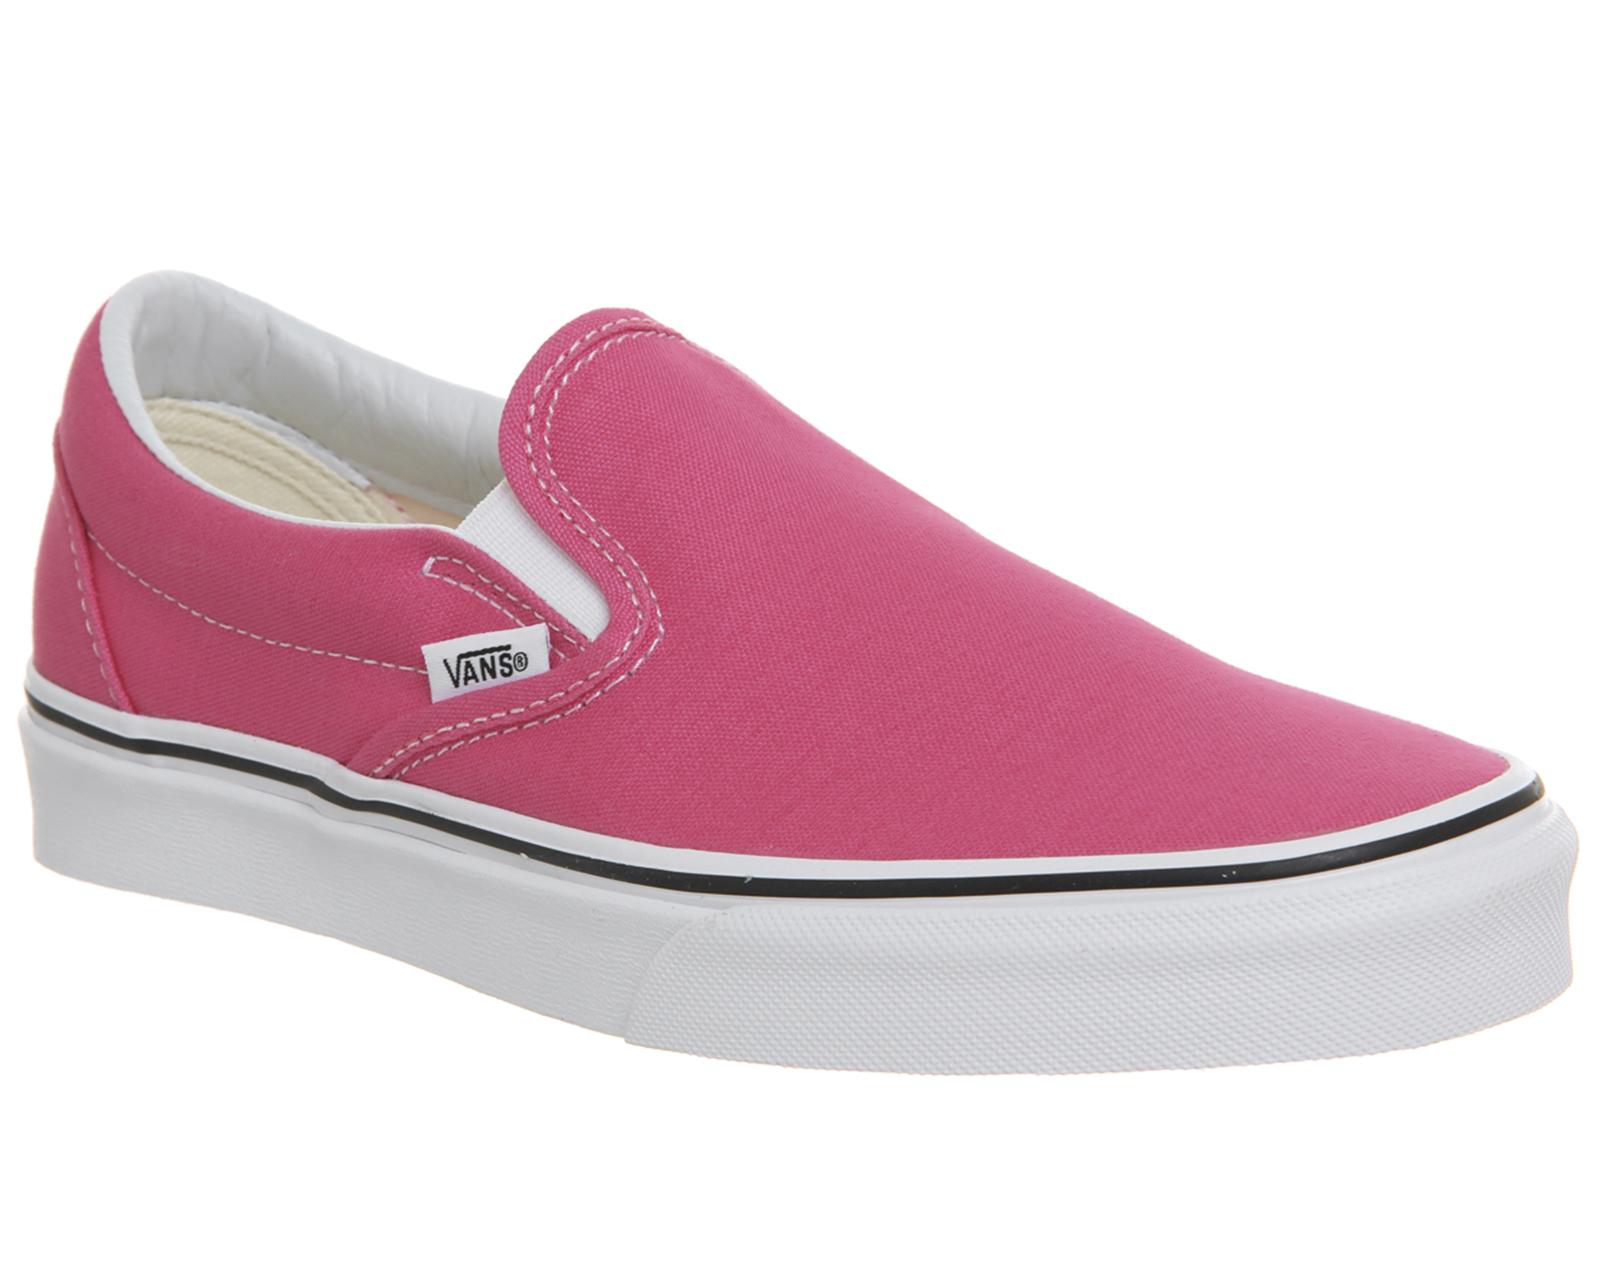 da0079230 Detalles de Para mujer Vans Vans Classic Slip On entrenadores Caliente Rosa  Auténtico Blanco Zapatillas Zapatos- ver título original